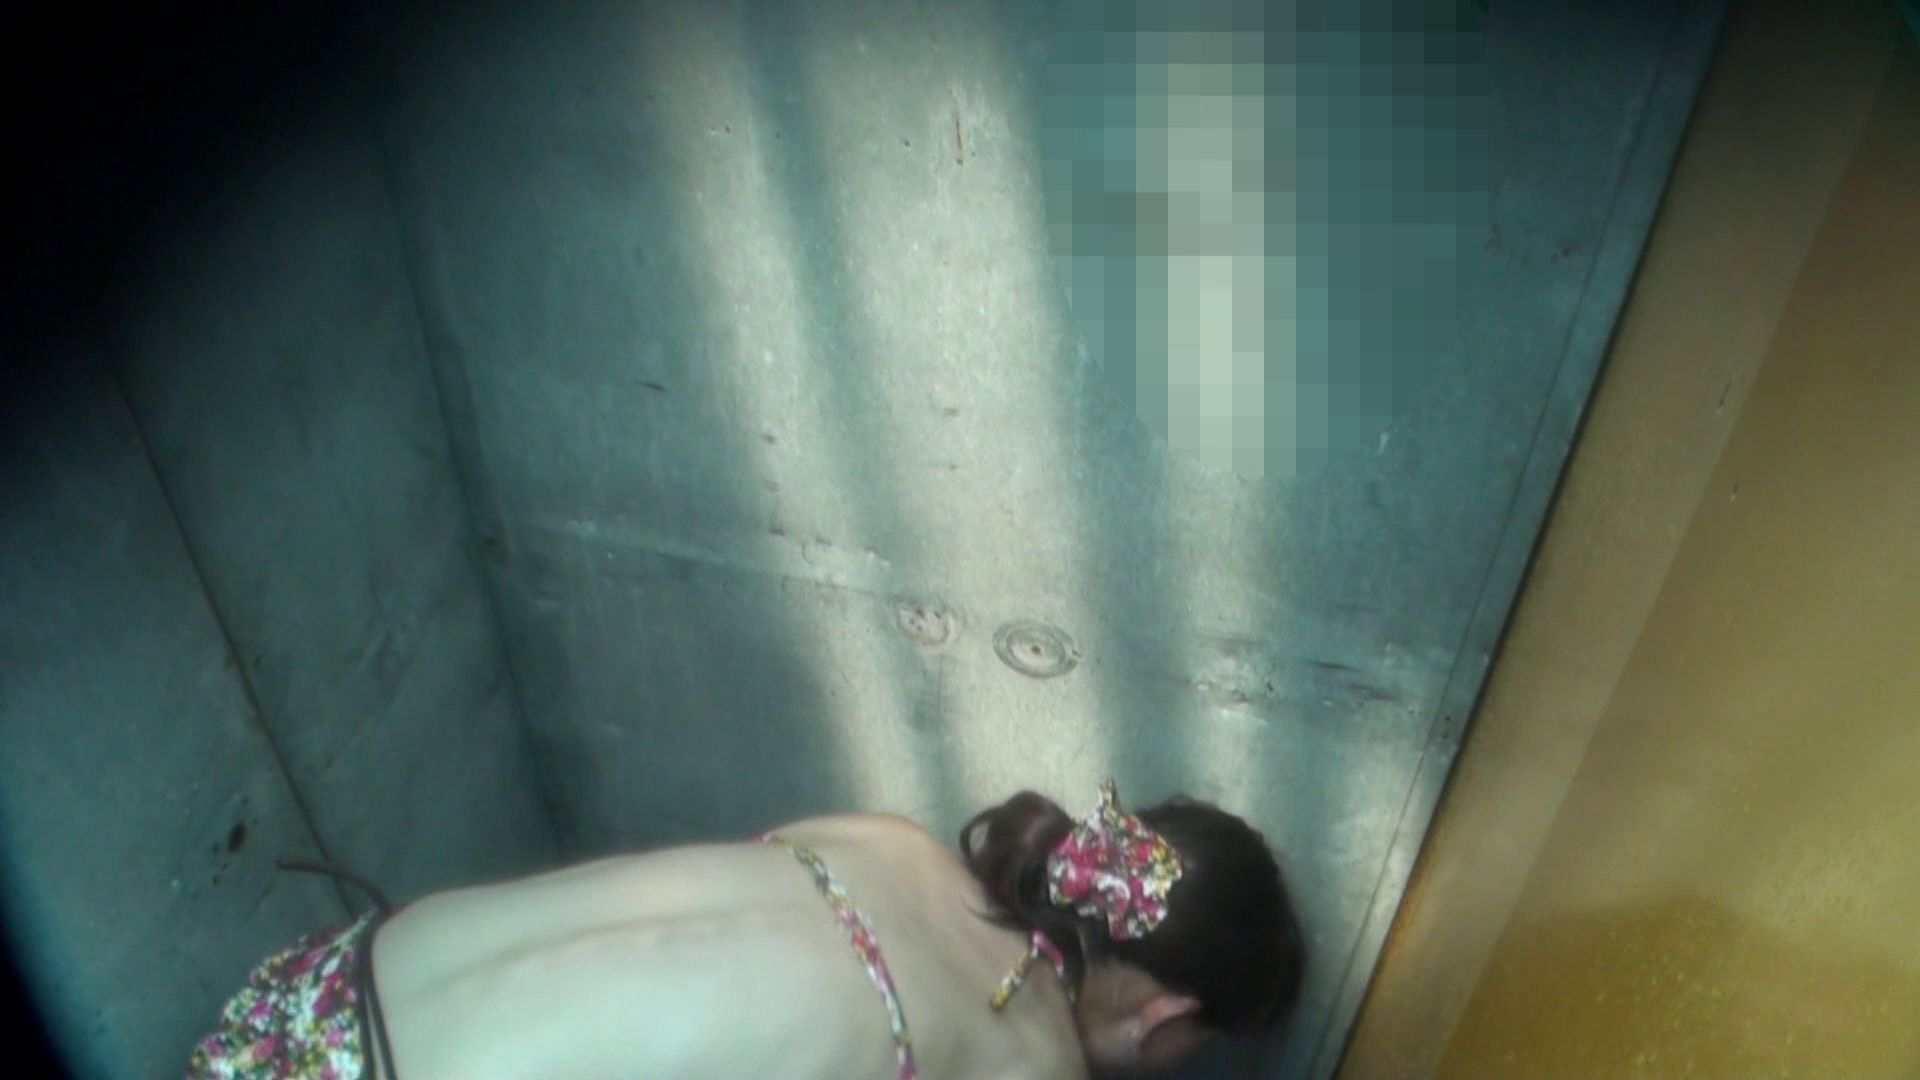 シャワールームは超!!危険な香りVol.16 意外に乳首は年増のそれ 乳首 おめこ無修正画像 97pic 10